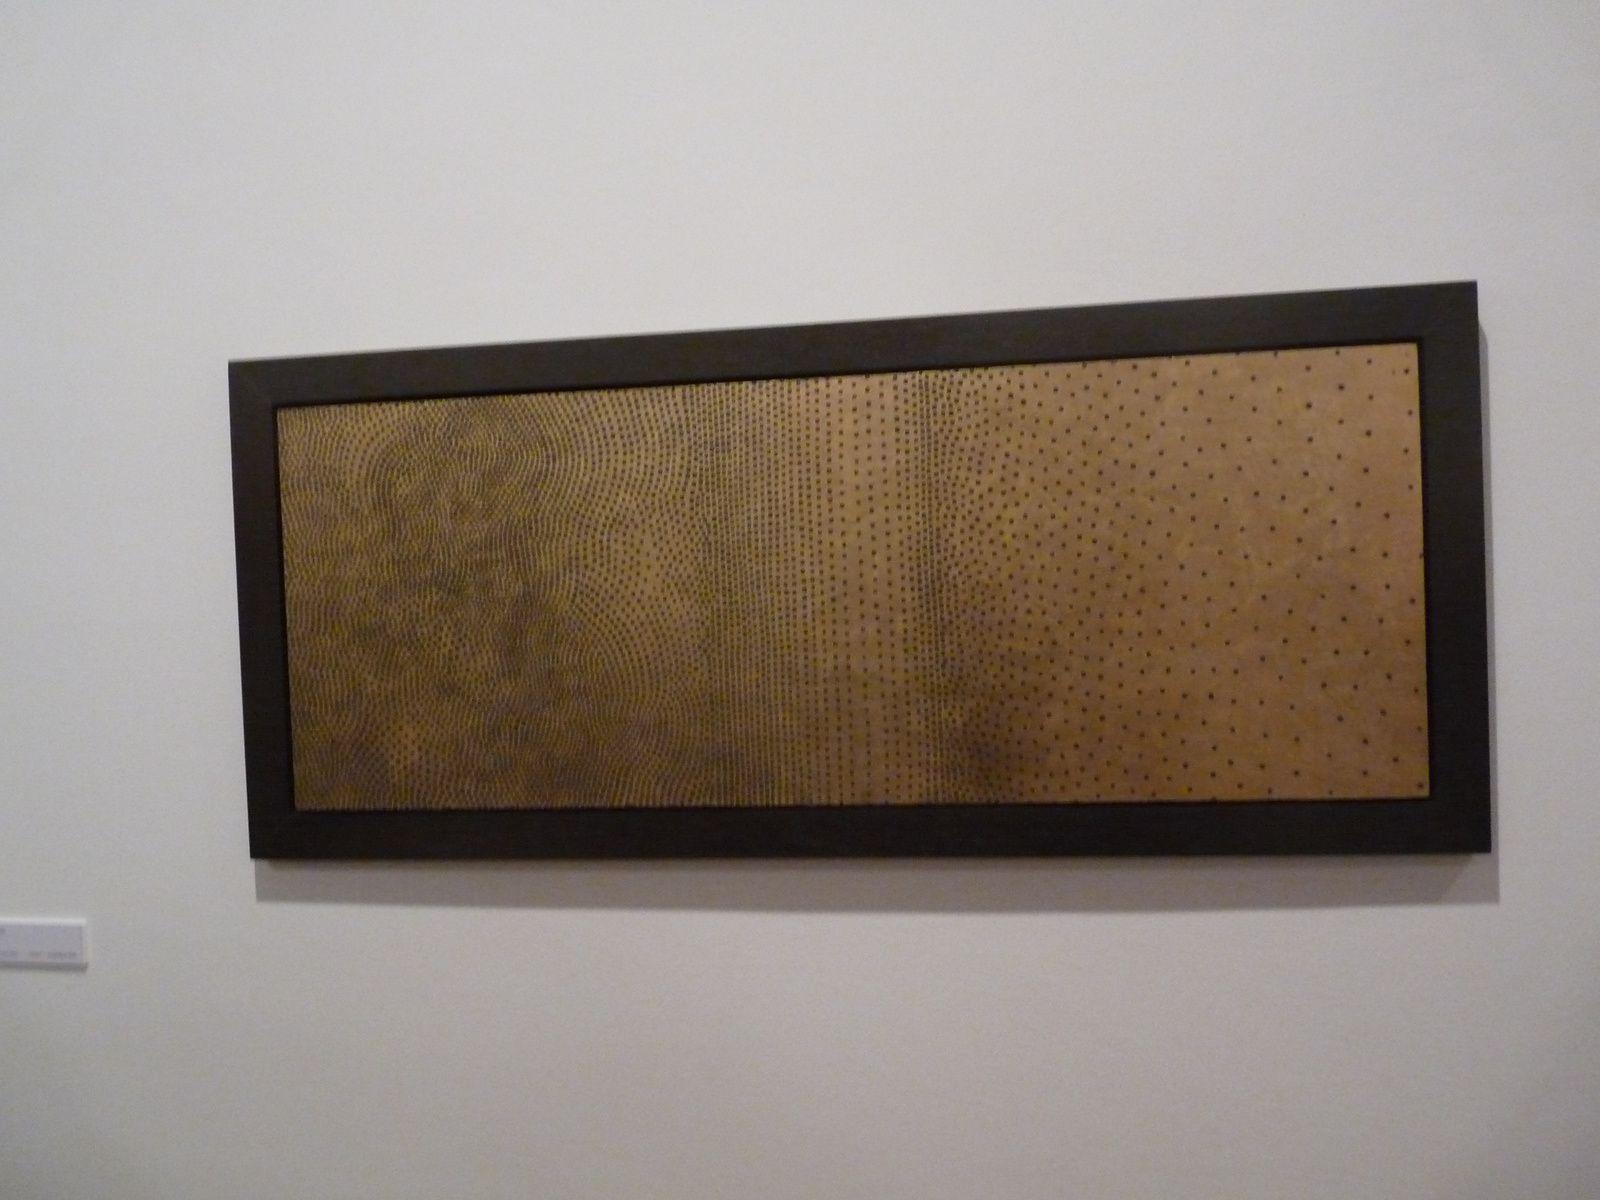 de haut en bas, oeuvres de Aude Arnold, Frédérique Bretin, Monif Ajaj